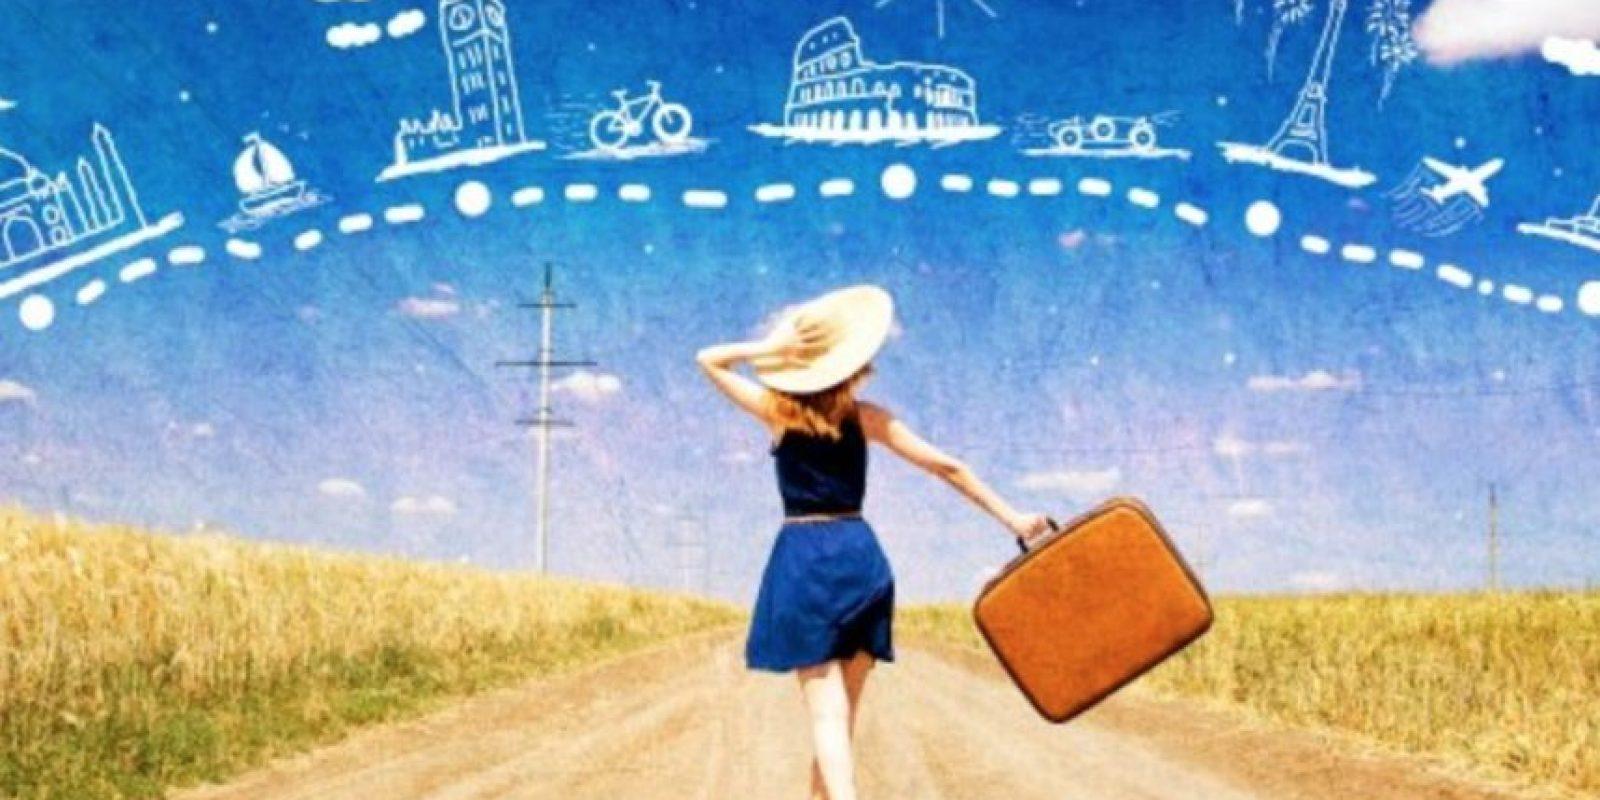 Las personas con constante búsqueda por viajar, siempre se sienten interesados por crecer de manera personal. Foto:Vía tumblr